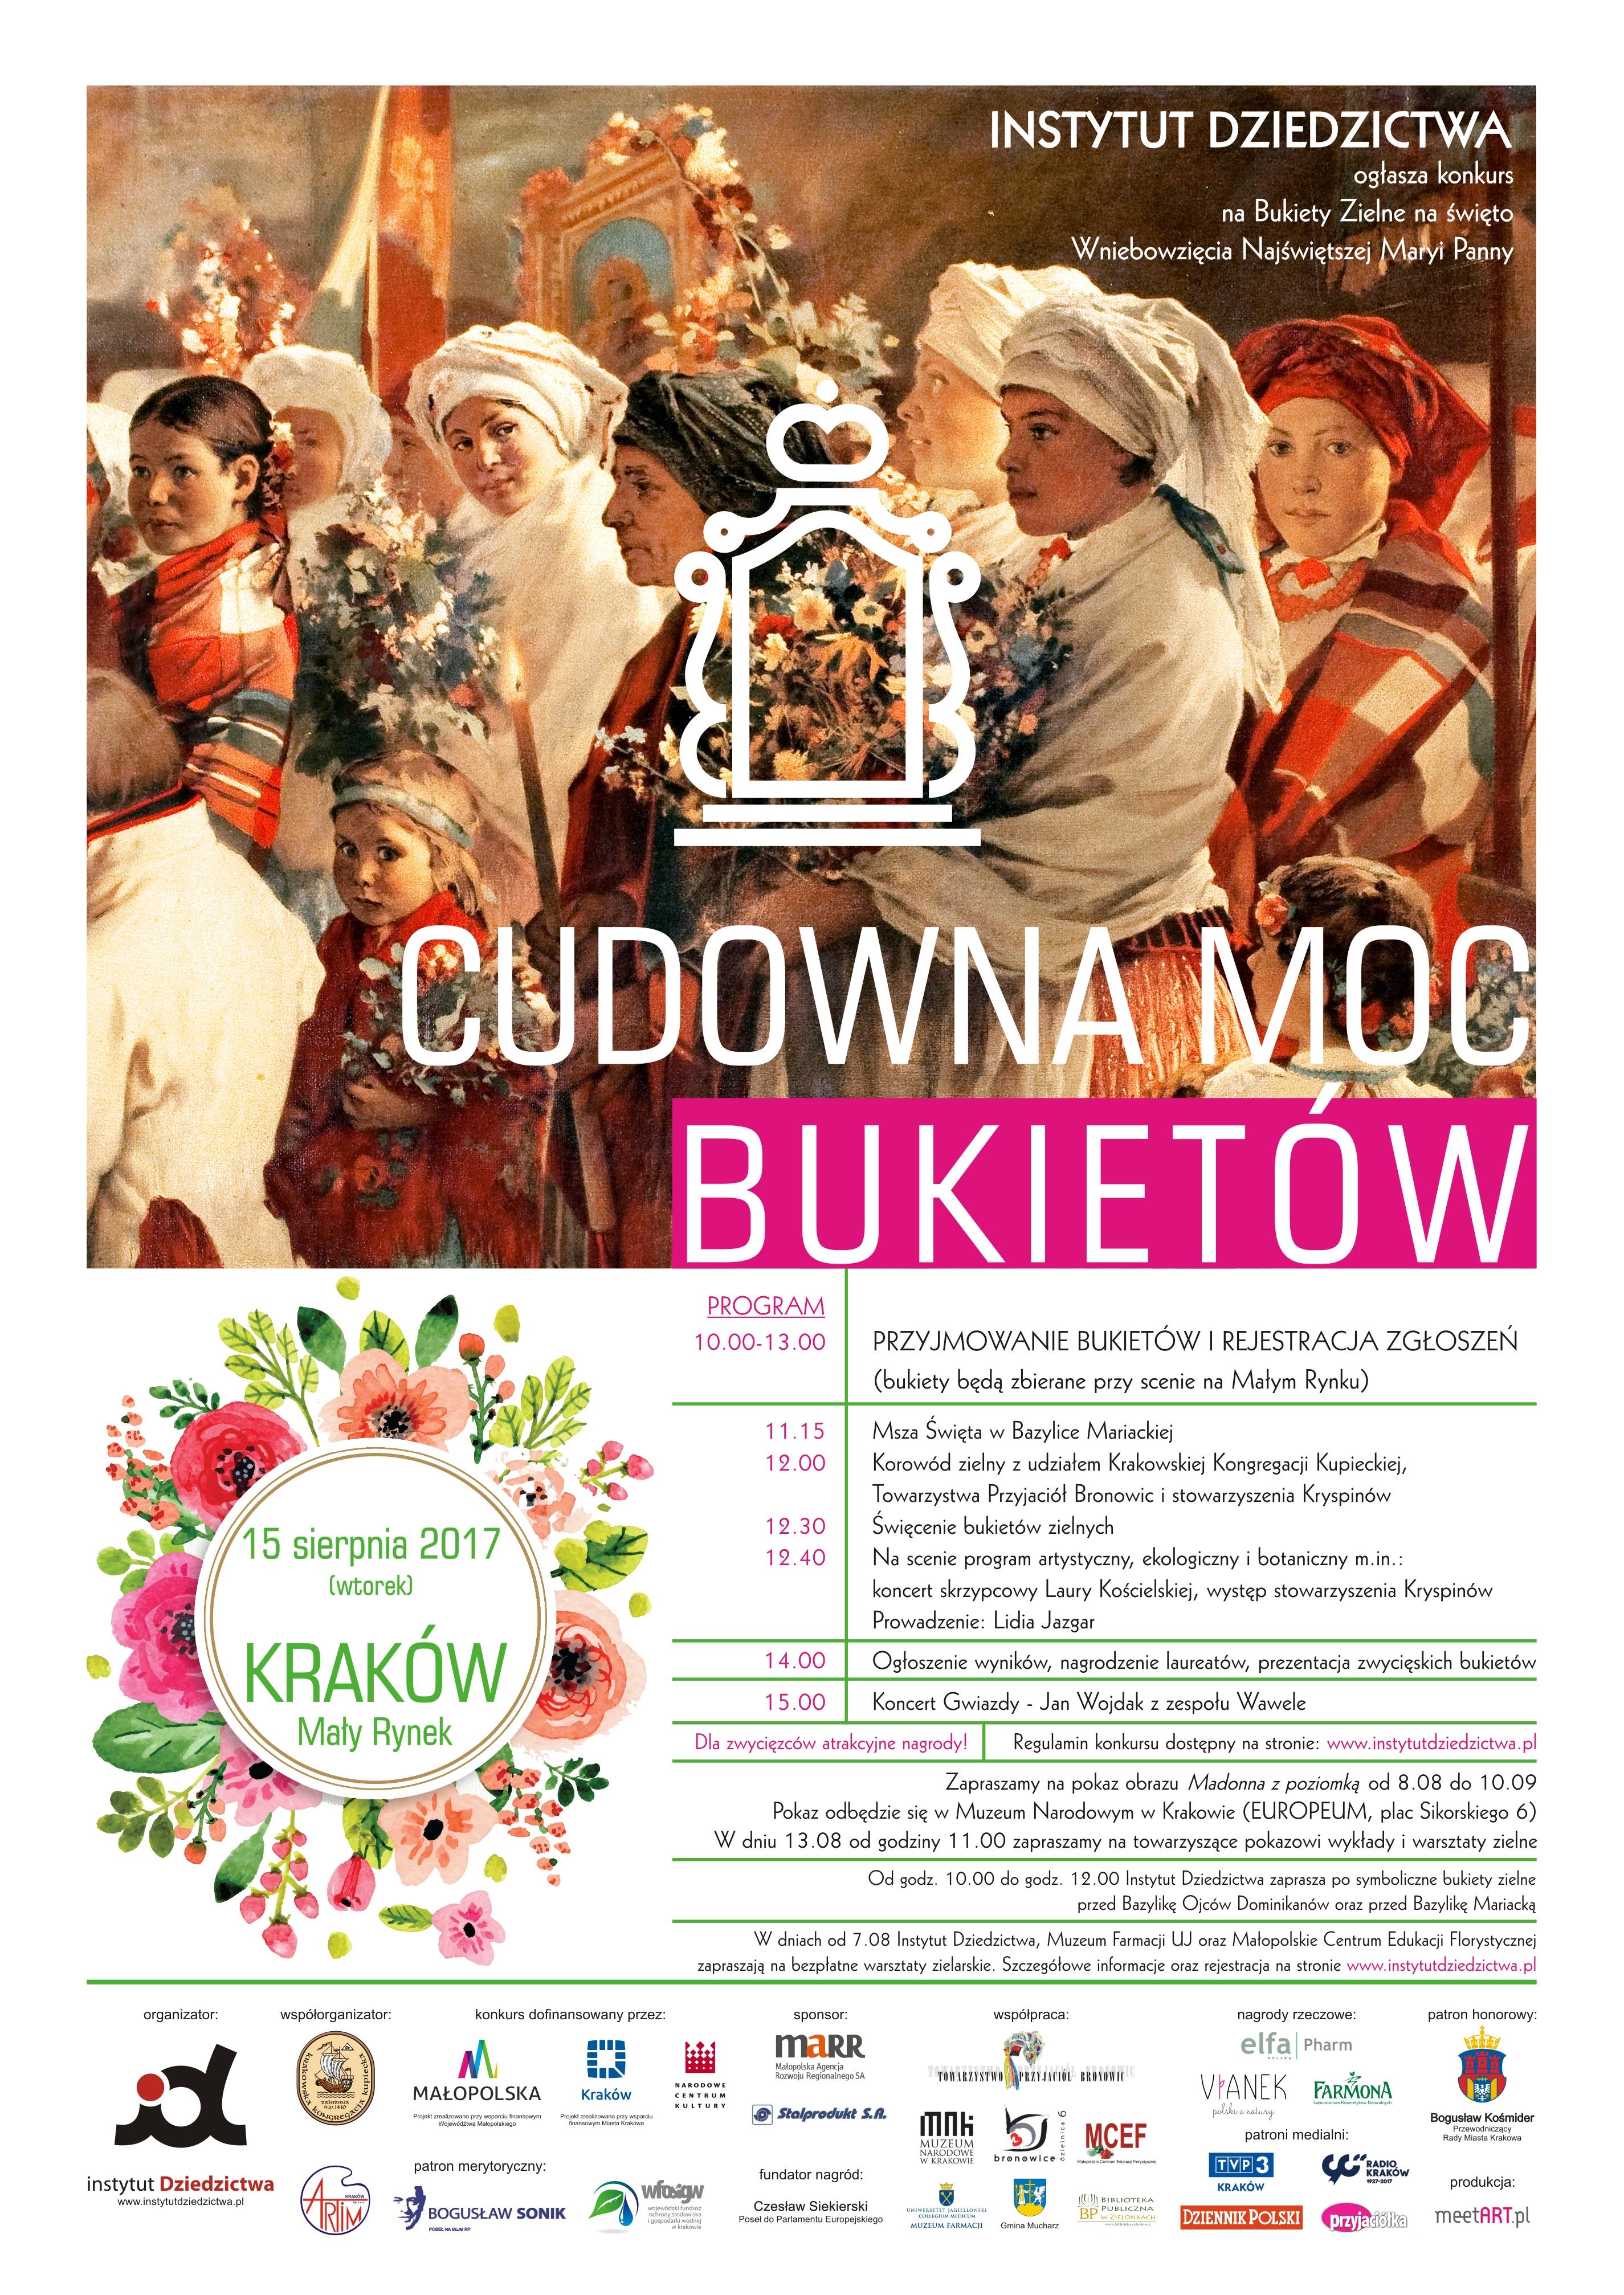 bukiet-2017-krakow